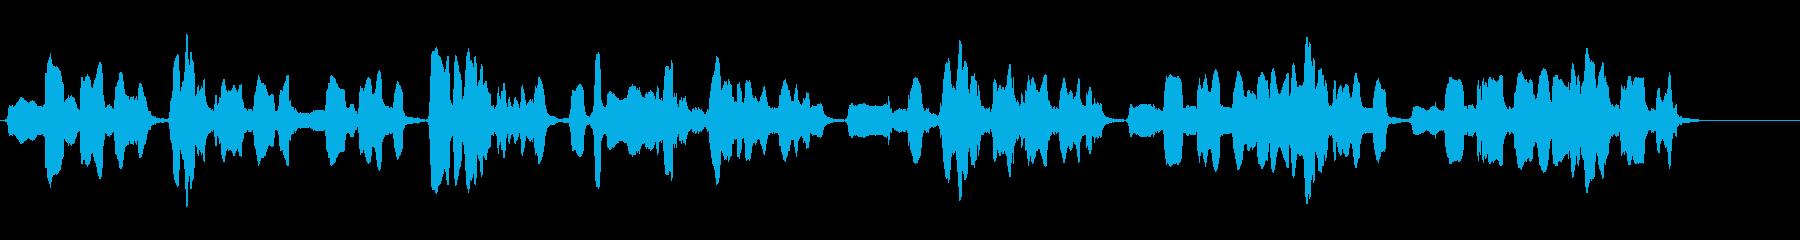 尺八の独奏 生演奏 和風のシーンなど 5の再生済みの波形